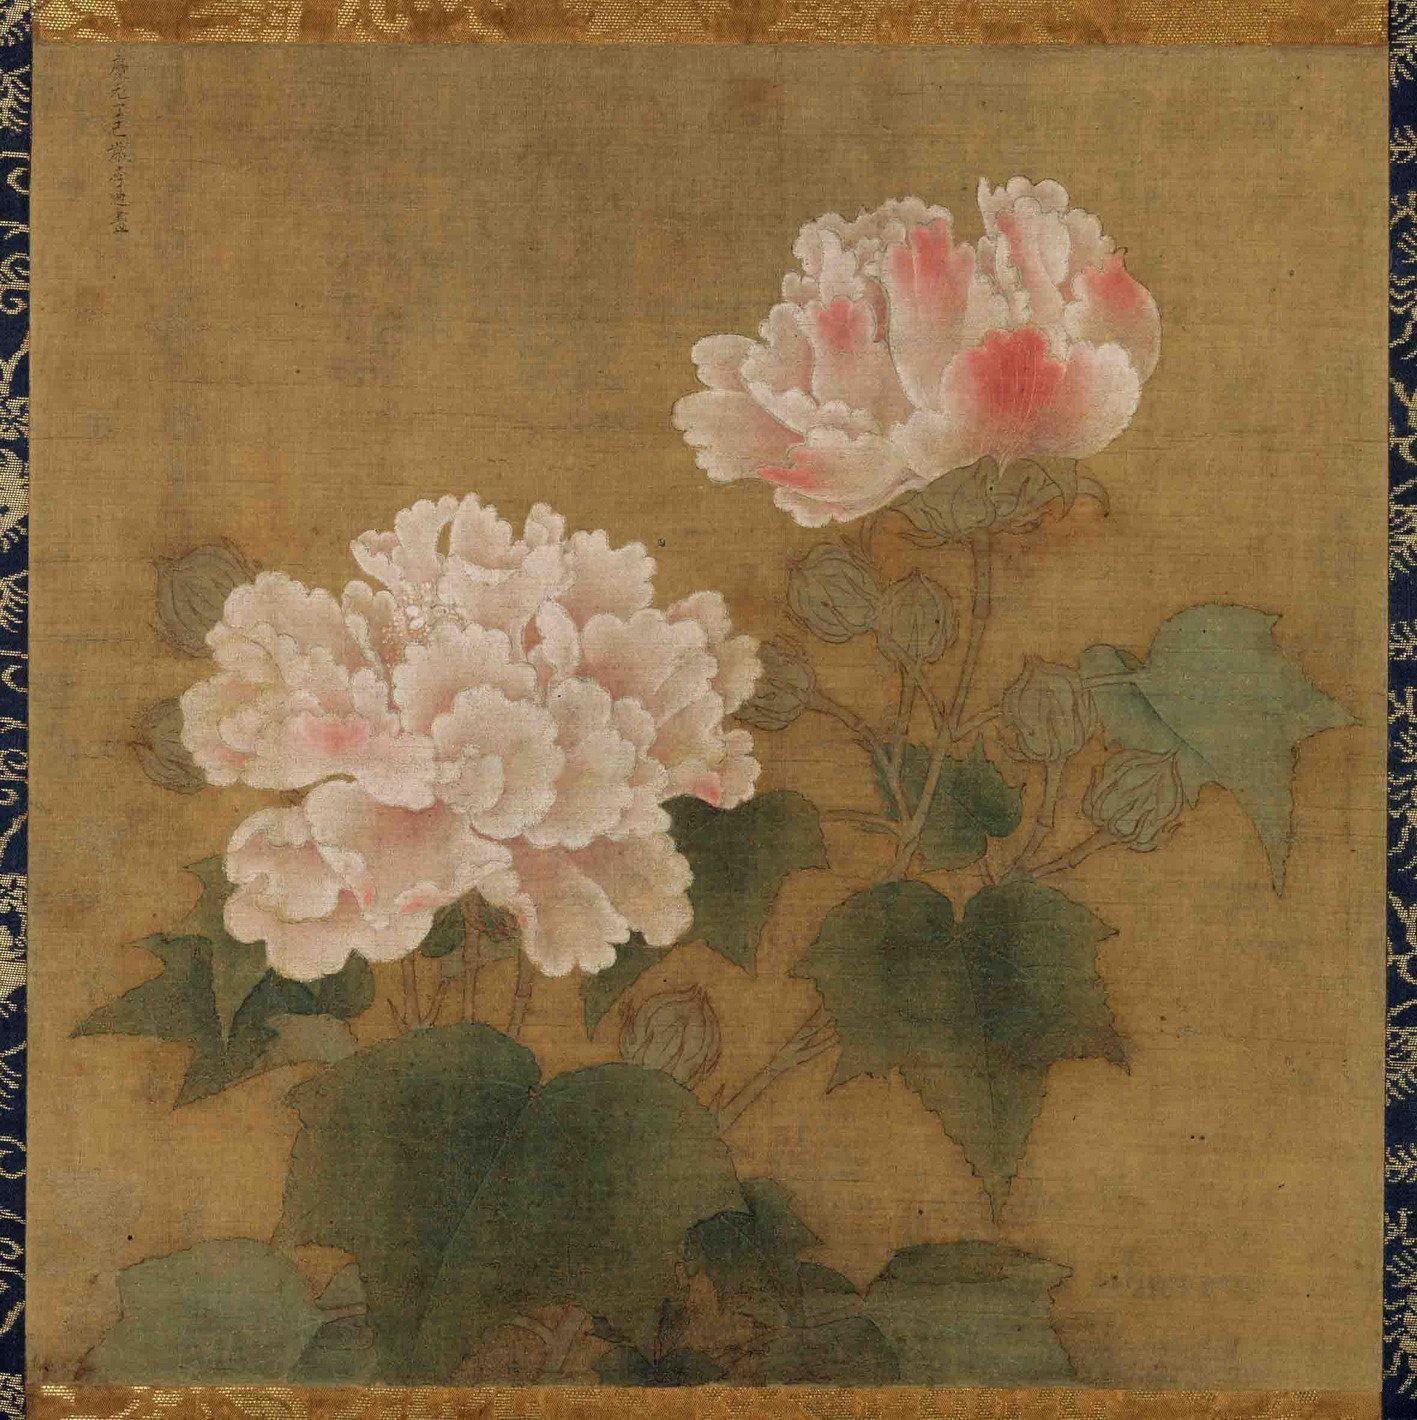 流失日本的国宝:红白芙蓉图